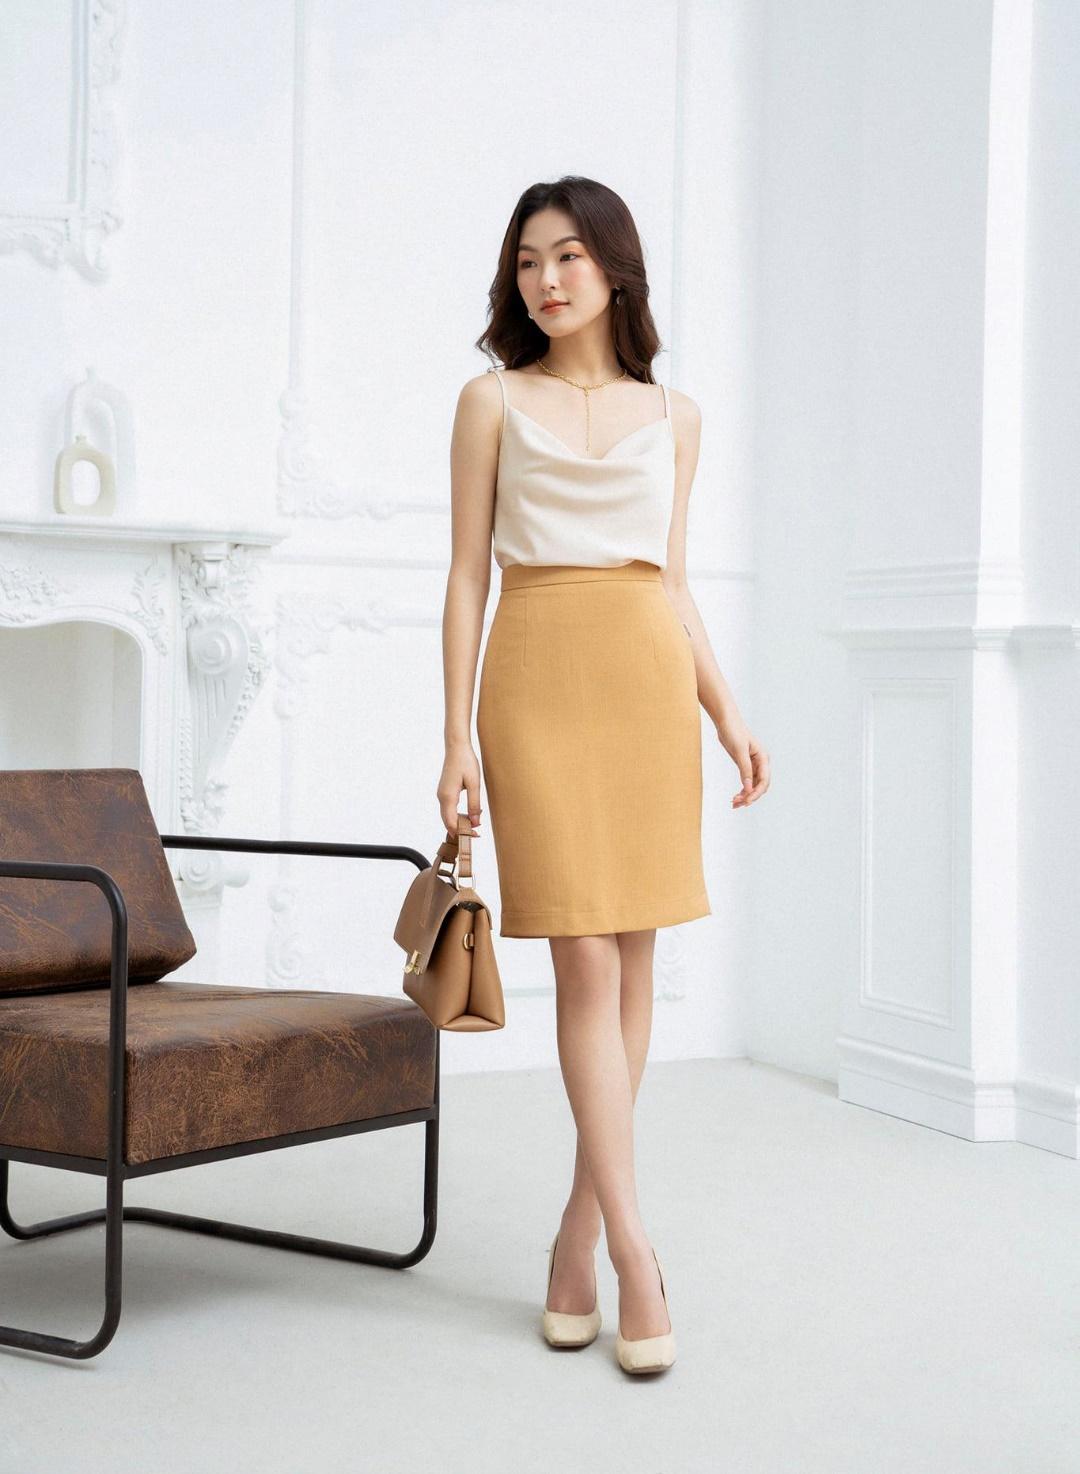 Thời trang May Clothings hướng dẫn chị em cách phối đồ hiệu quả - Ảnh 3